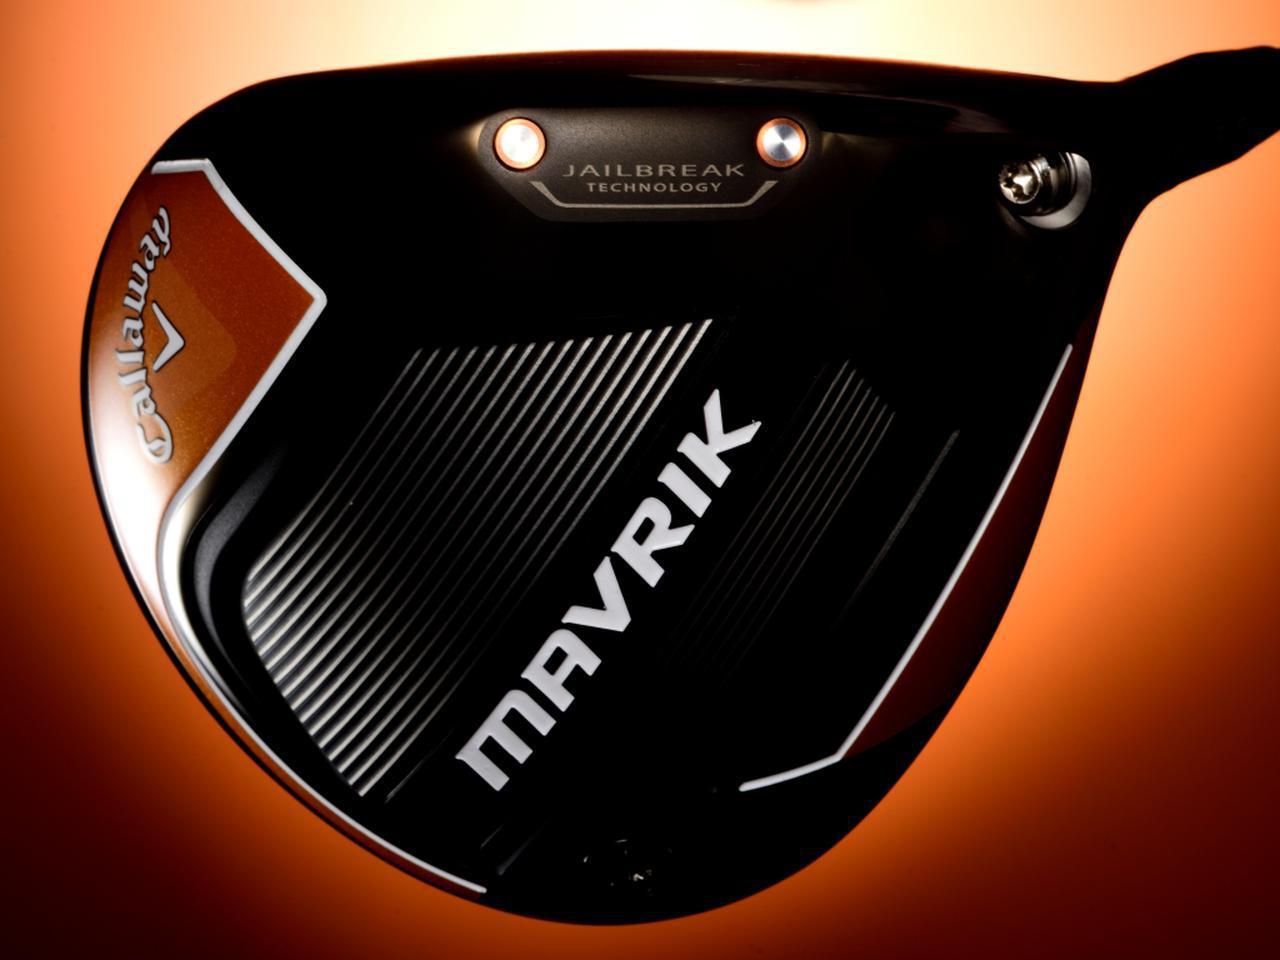 画像: 【ドライバー研究】キャロウェイの新作「マーベリック」。進化したAIフェースがミスヒットをも飛ばしに変える! - ゴルフへ行こうWEB by ゴルフダイジェスト